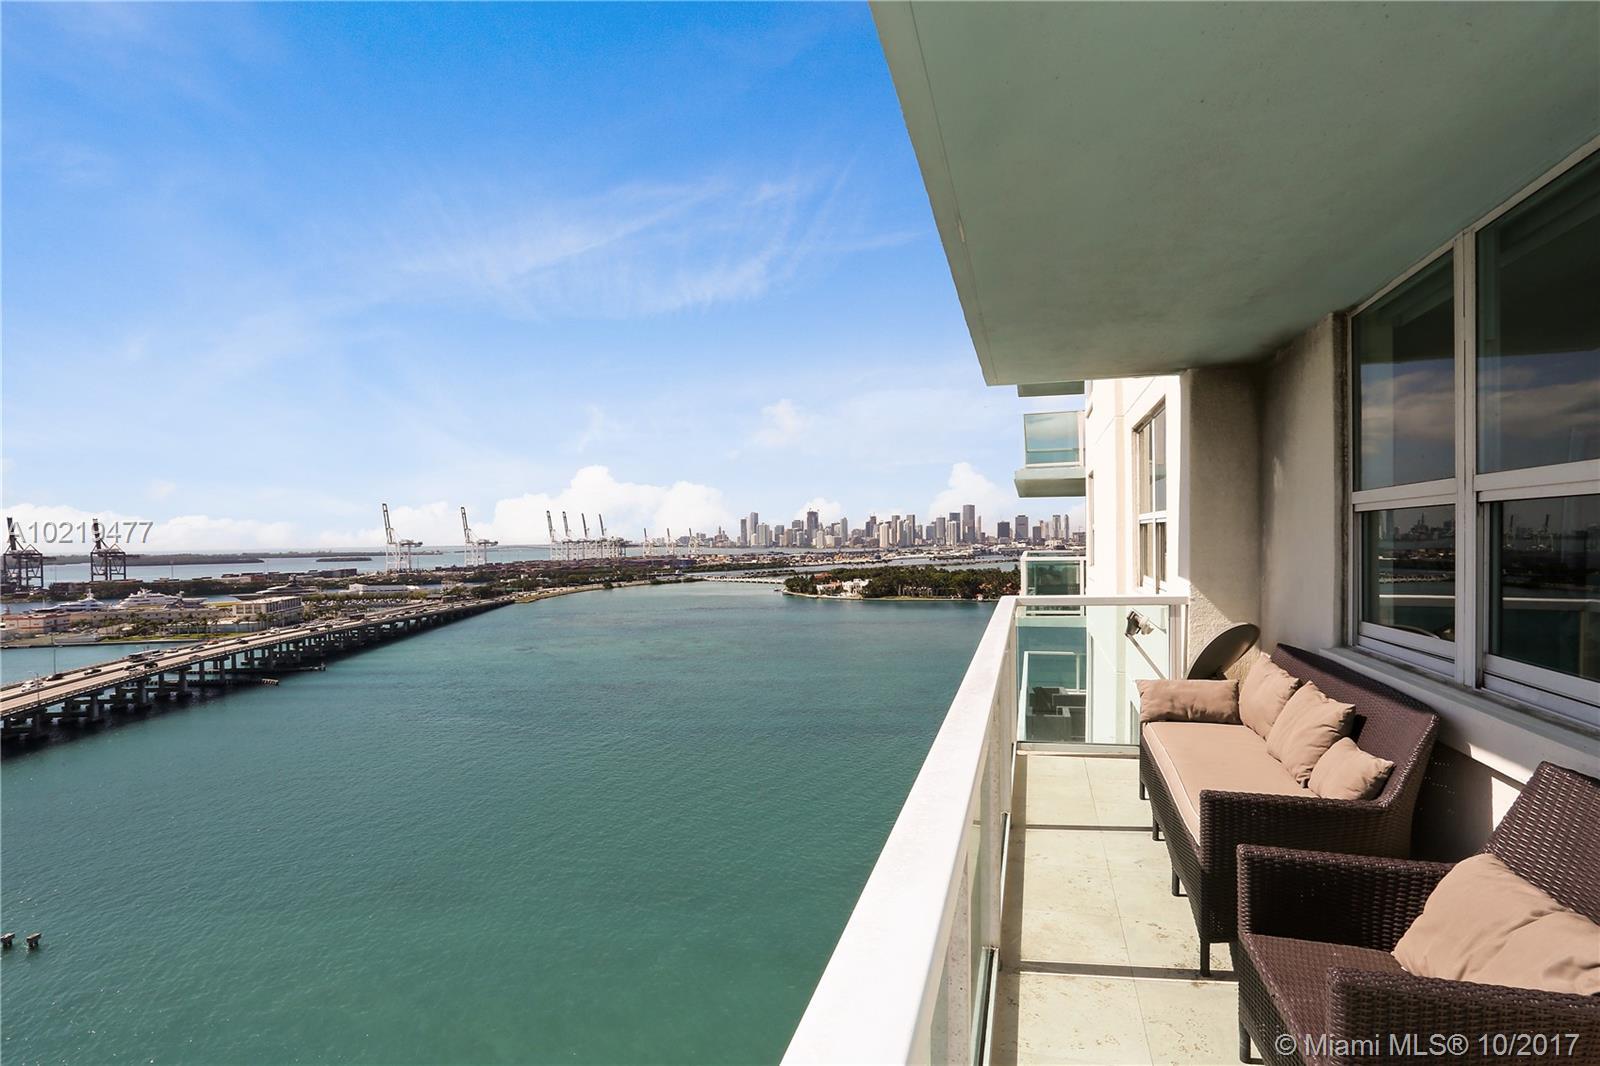 Real Estate Attorney North Miami Beach